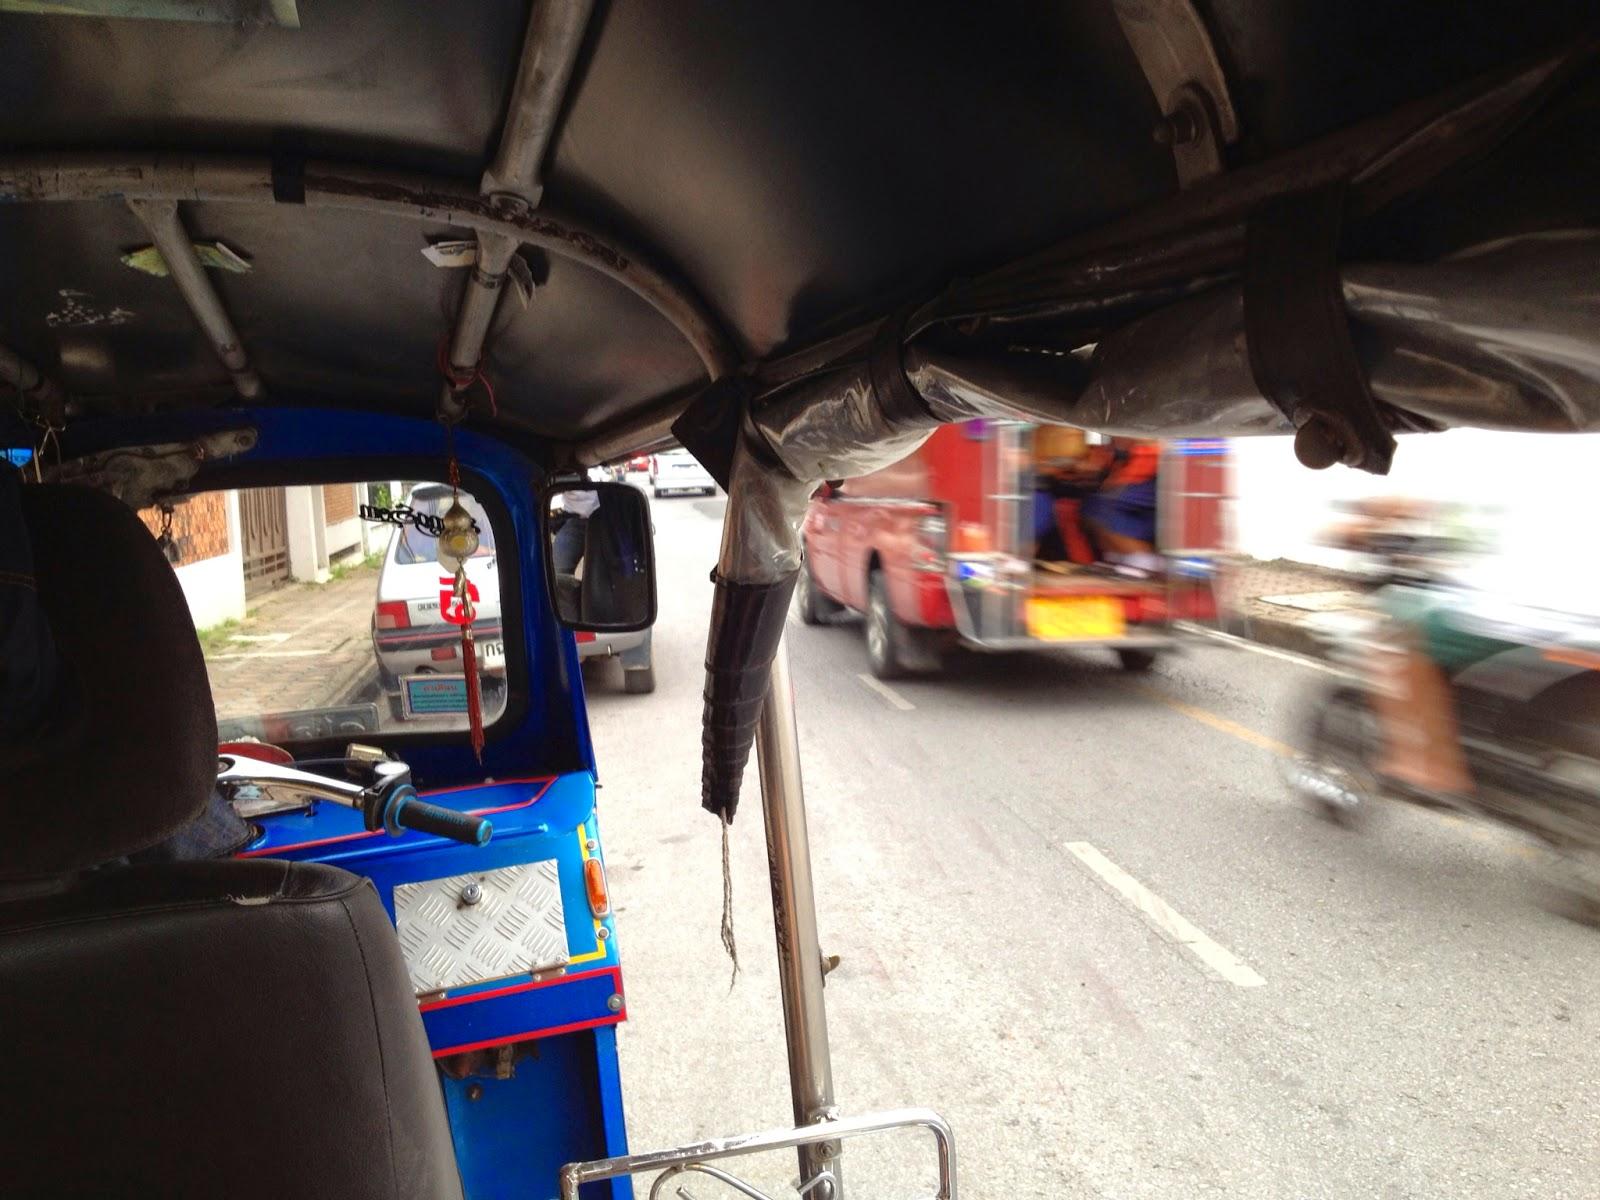 Chiang Mai - We took a tuk tuk and zipped through town